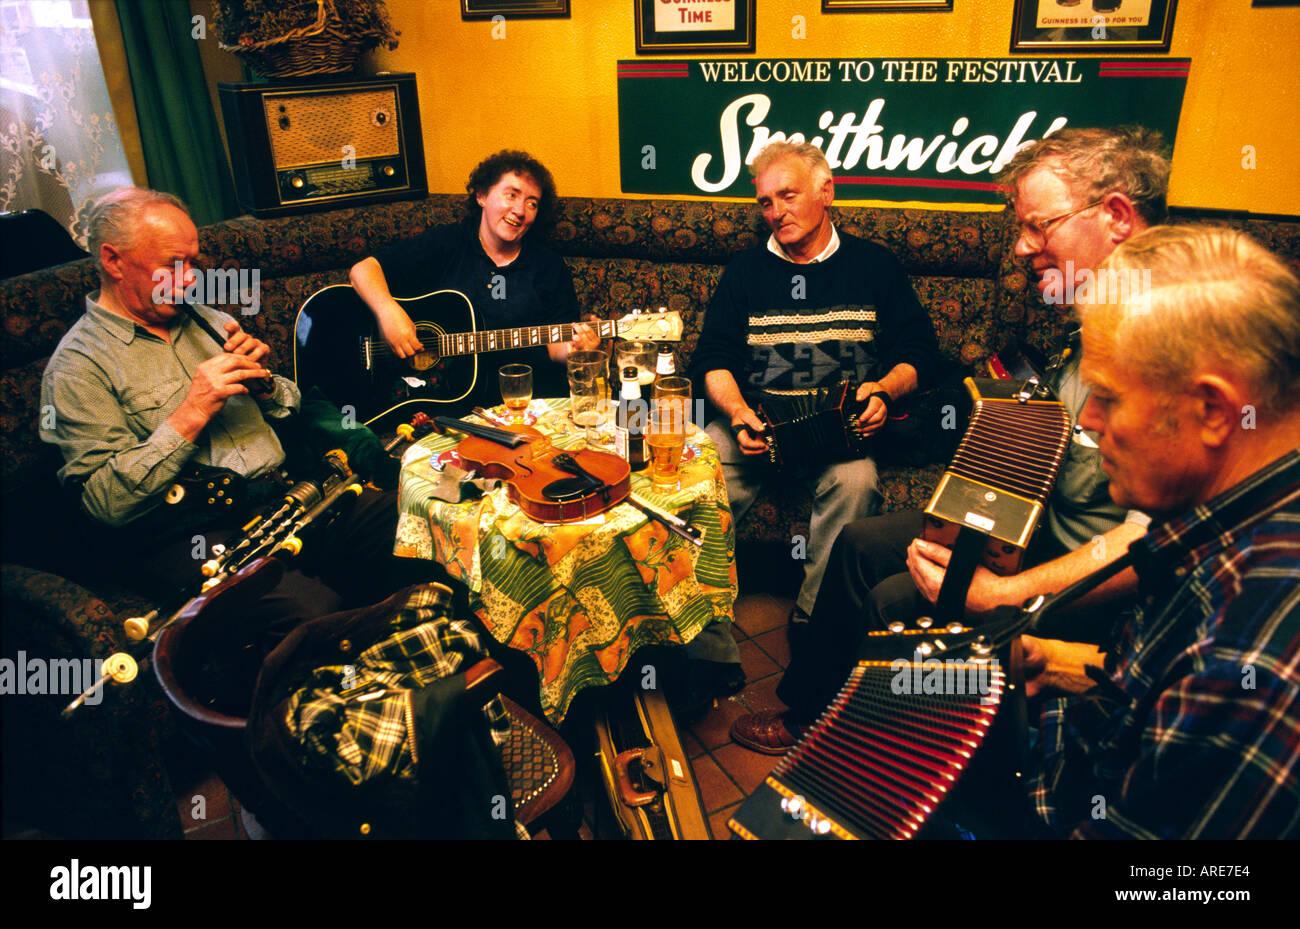 Le pub irlandais traditionnel de musiciens jouant de la musique dans le bar de l'île de la ville de Kilrush, comté de Clare, Irlande de l'ouest. Photo Stock